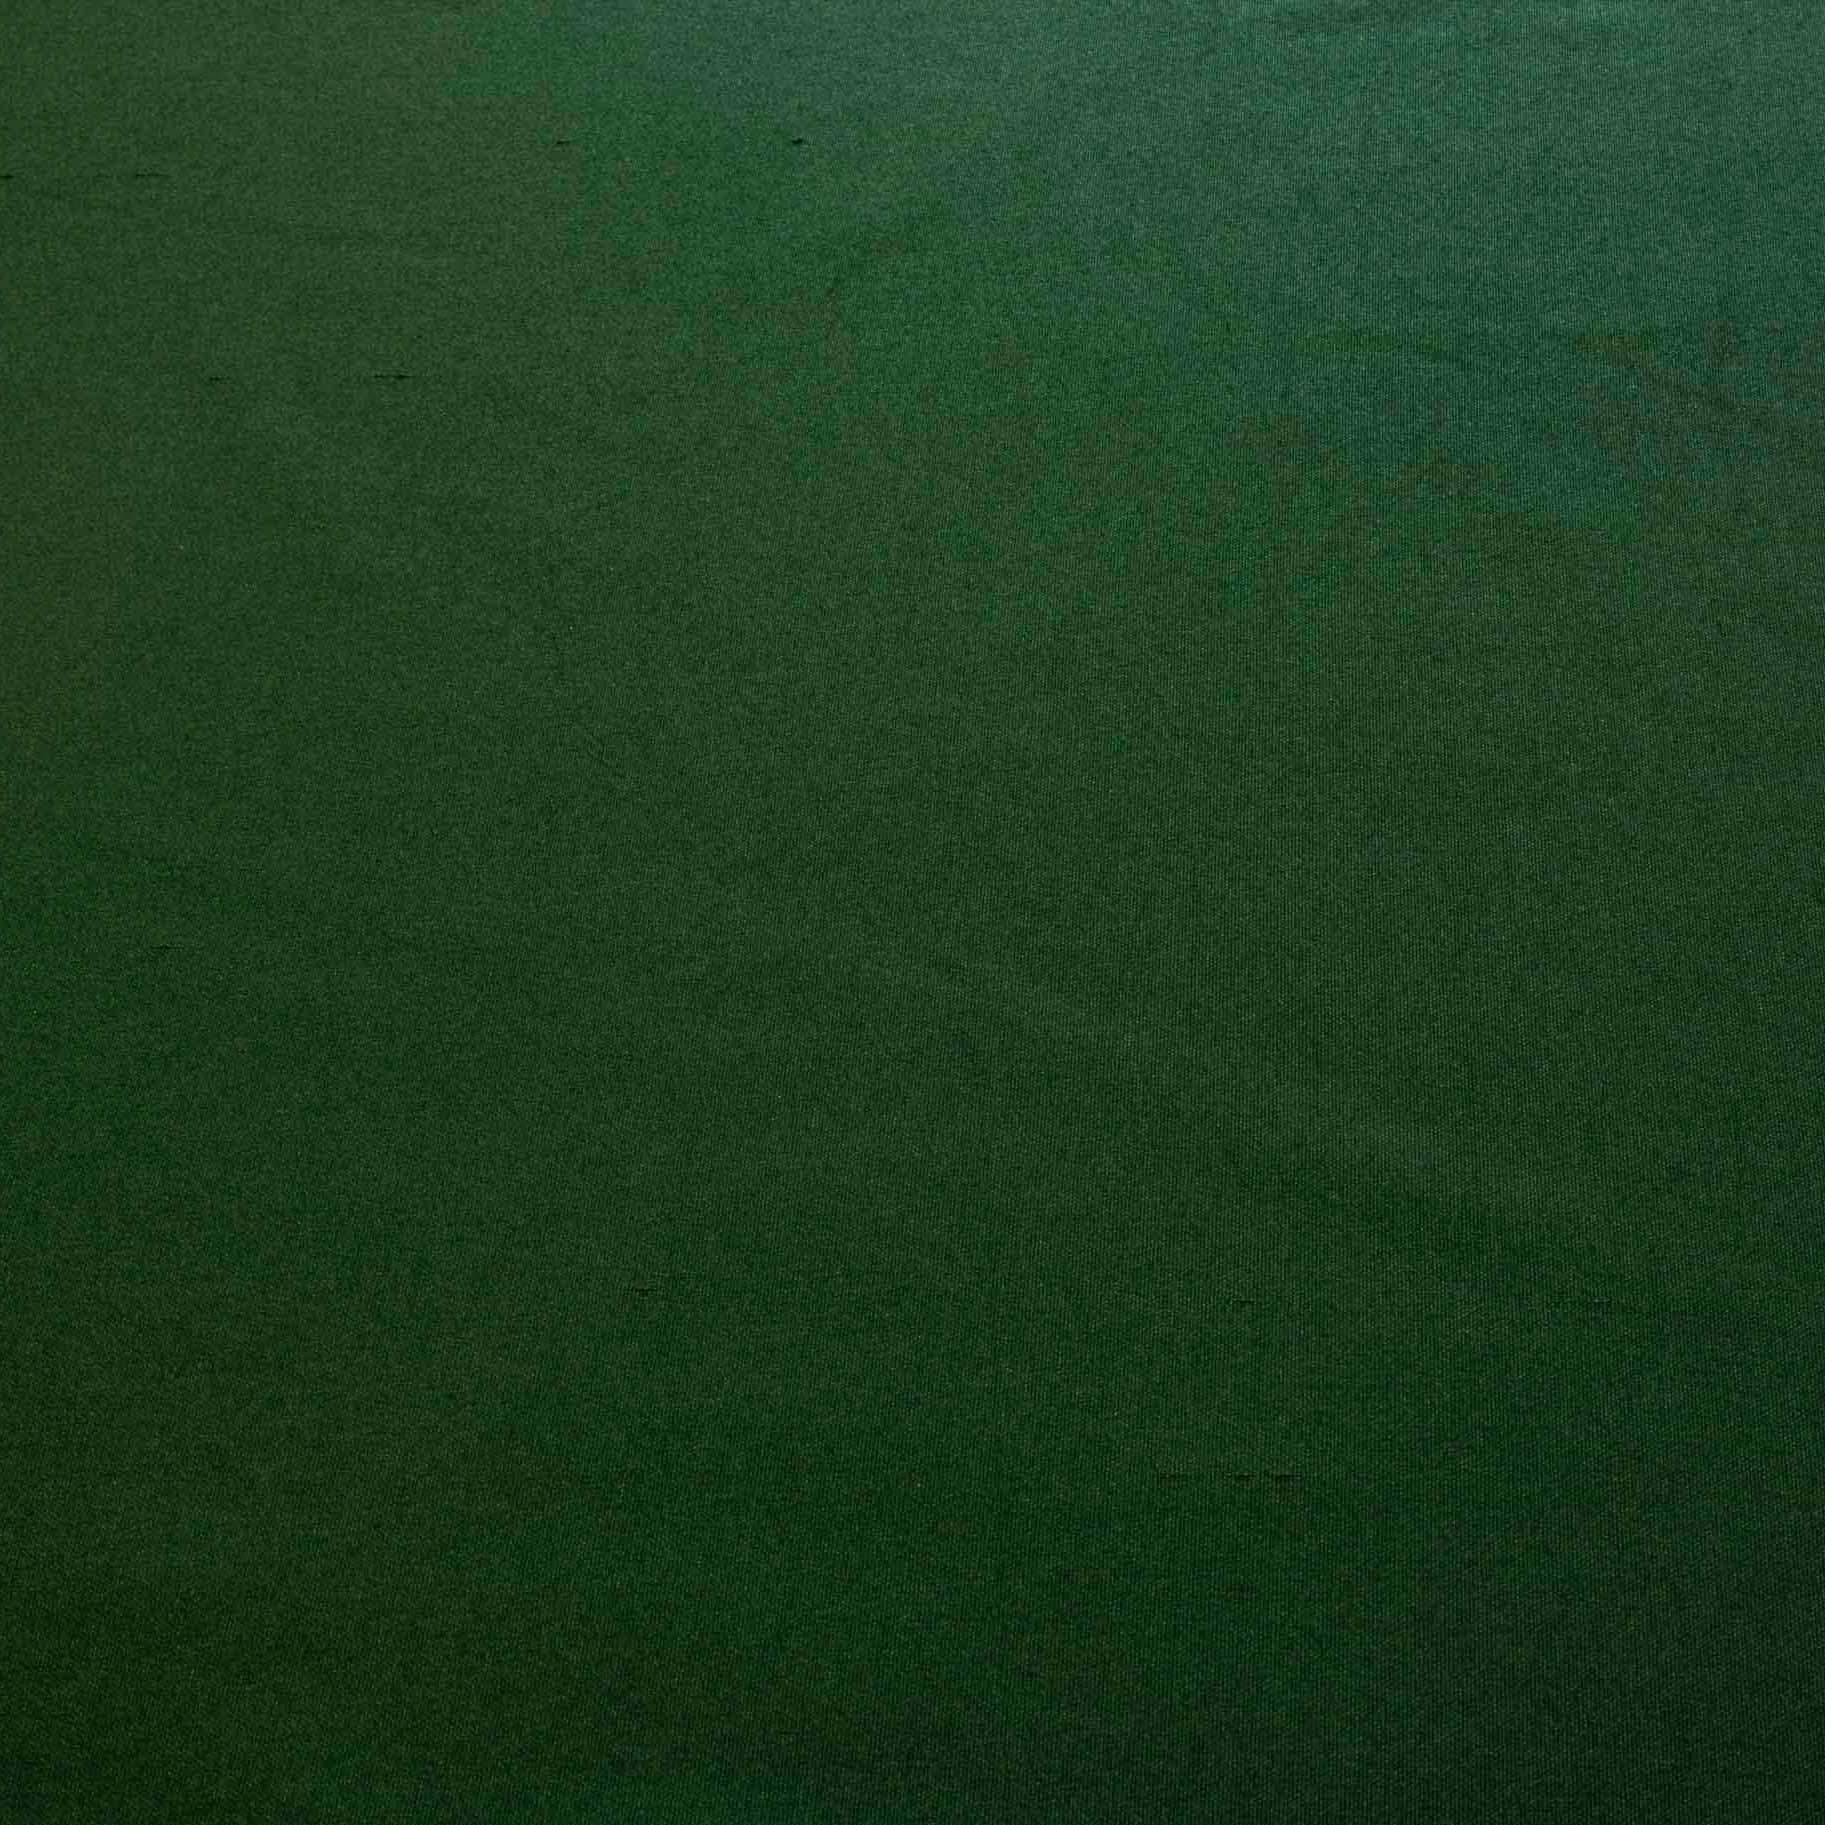 Tecido Oxford Verde Bandeira 100% Poliester 1,50 m Largura